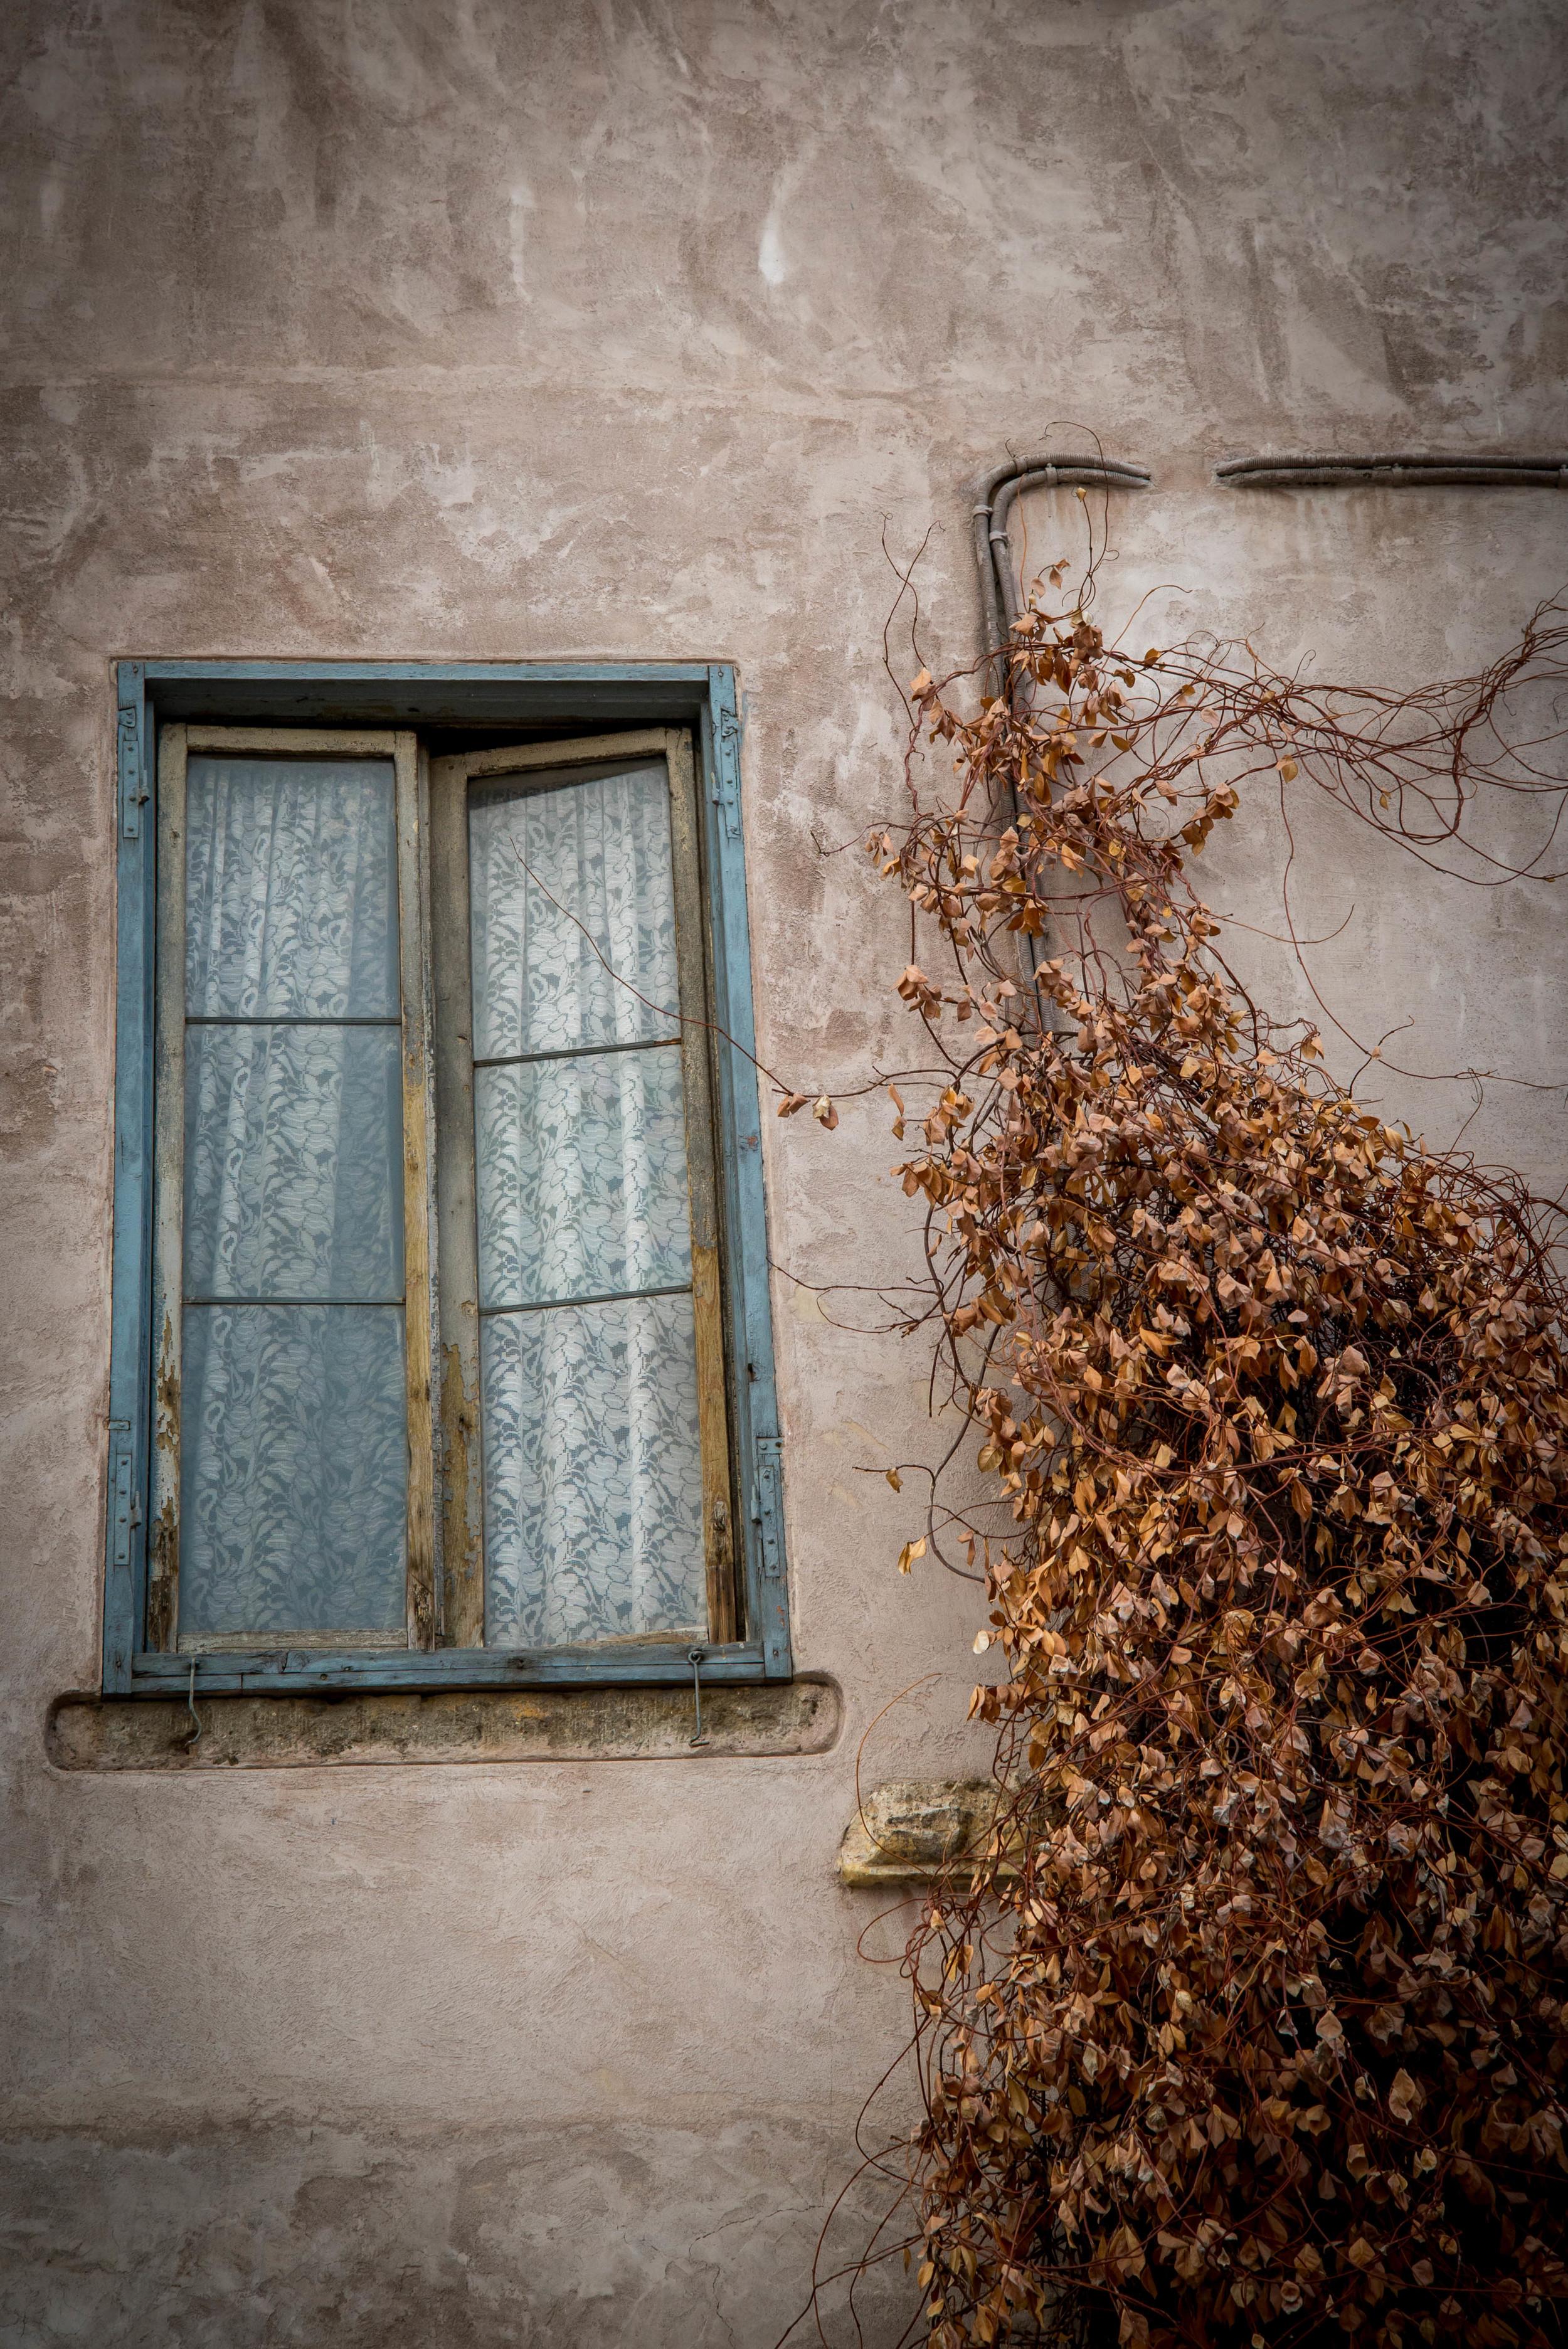 Window in Rome